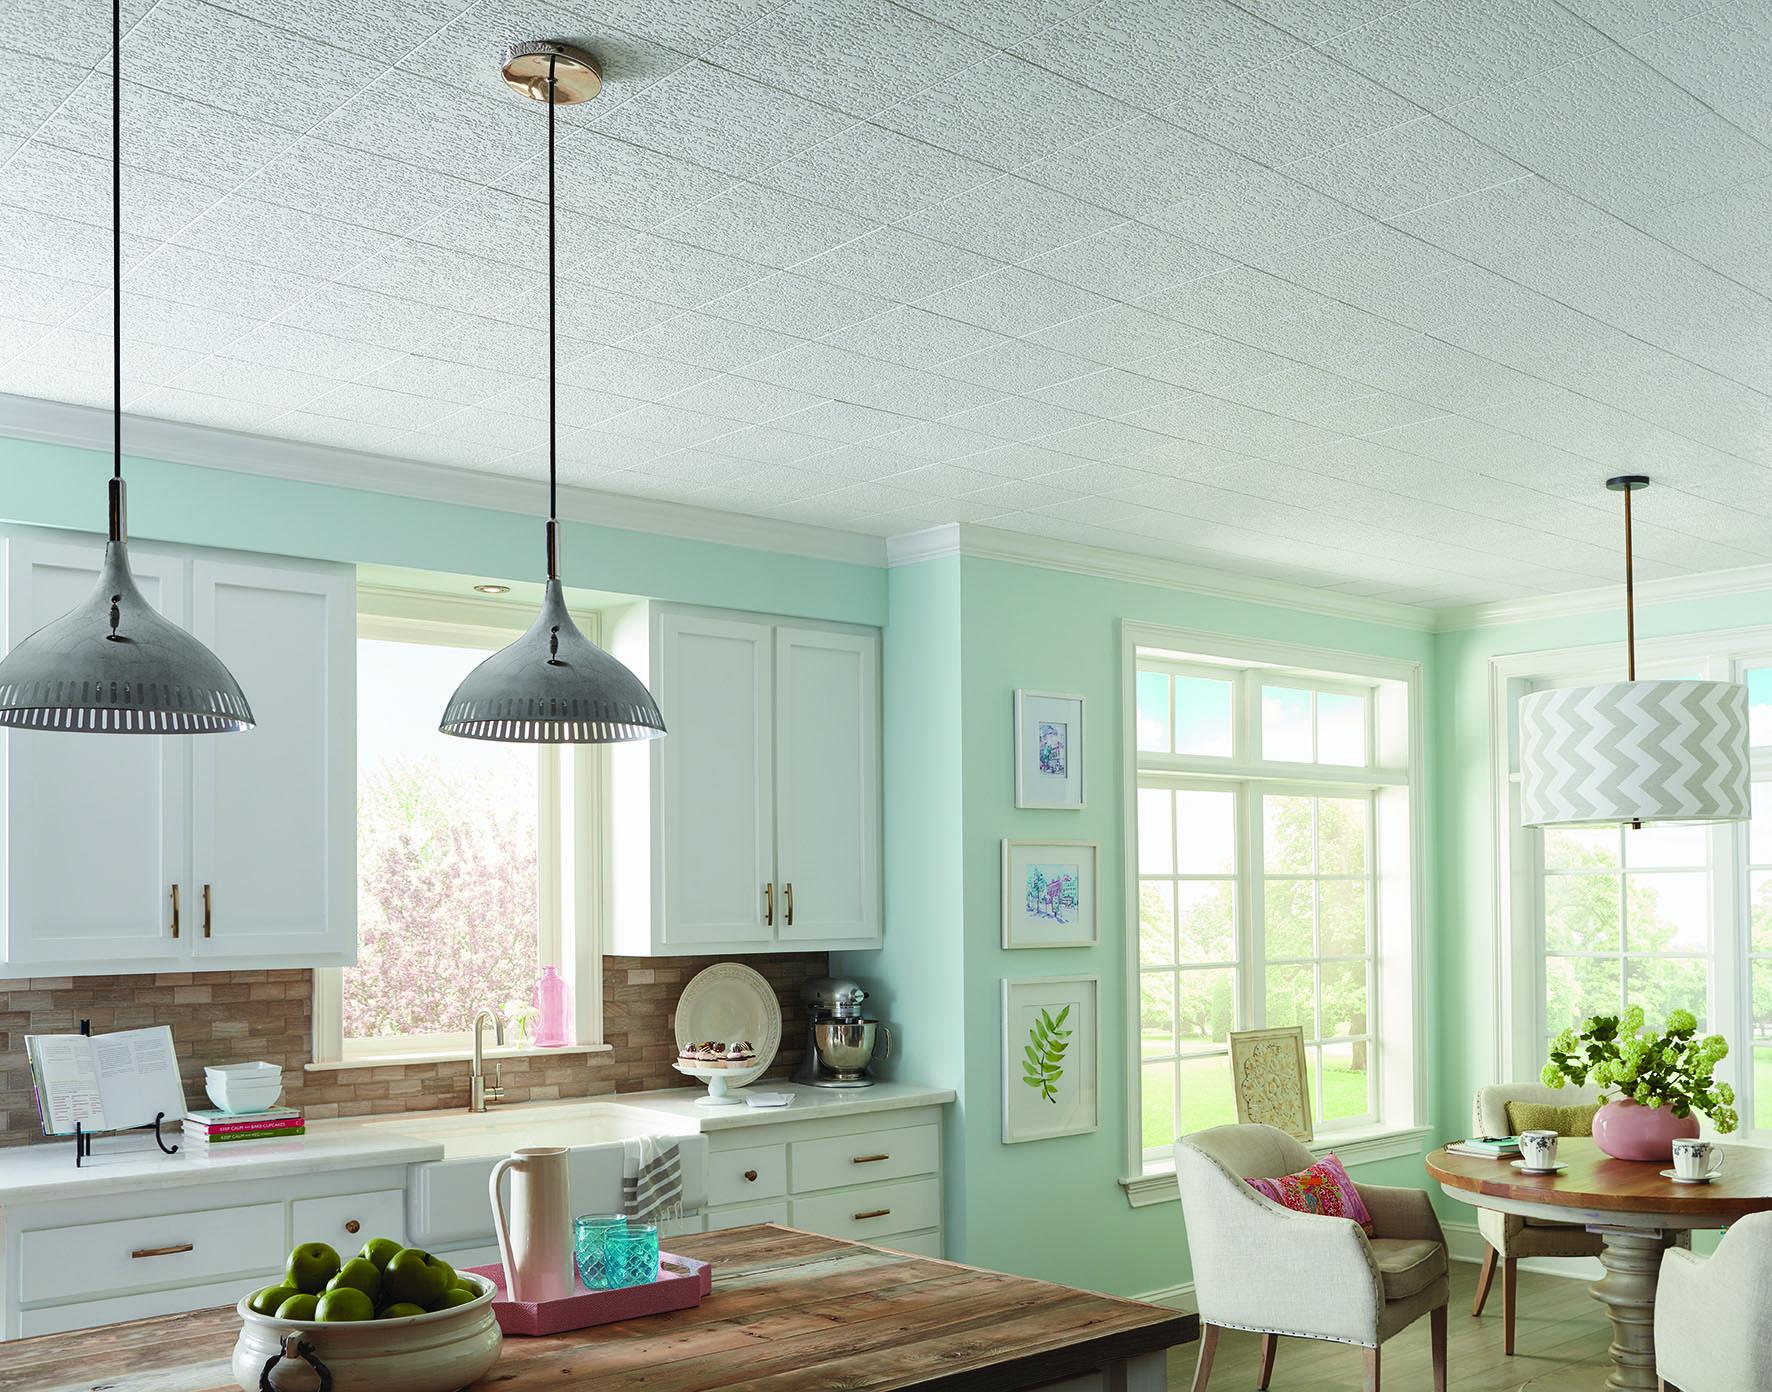 Excellent 12X24 Ceramic Tile Patterns Small 18X18 Ceramic Floor Tile Square 24X24 Drop Ceiling Tiles 6 X 12 Subway Tile Young 8 Inch Ceramic Tile BlueAcoustic Mineral Fiber Ceiling Tiles 12\